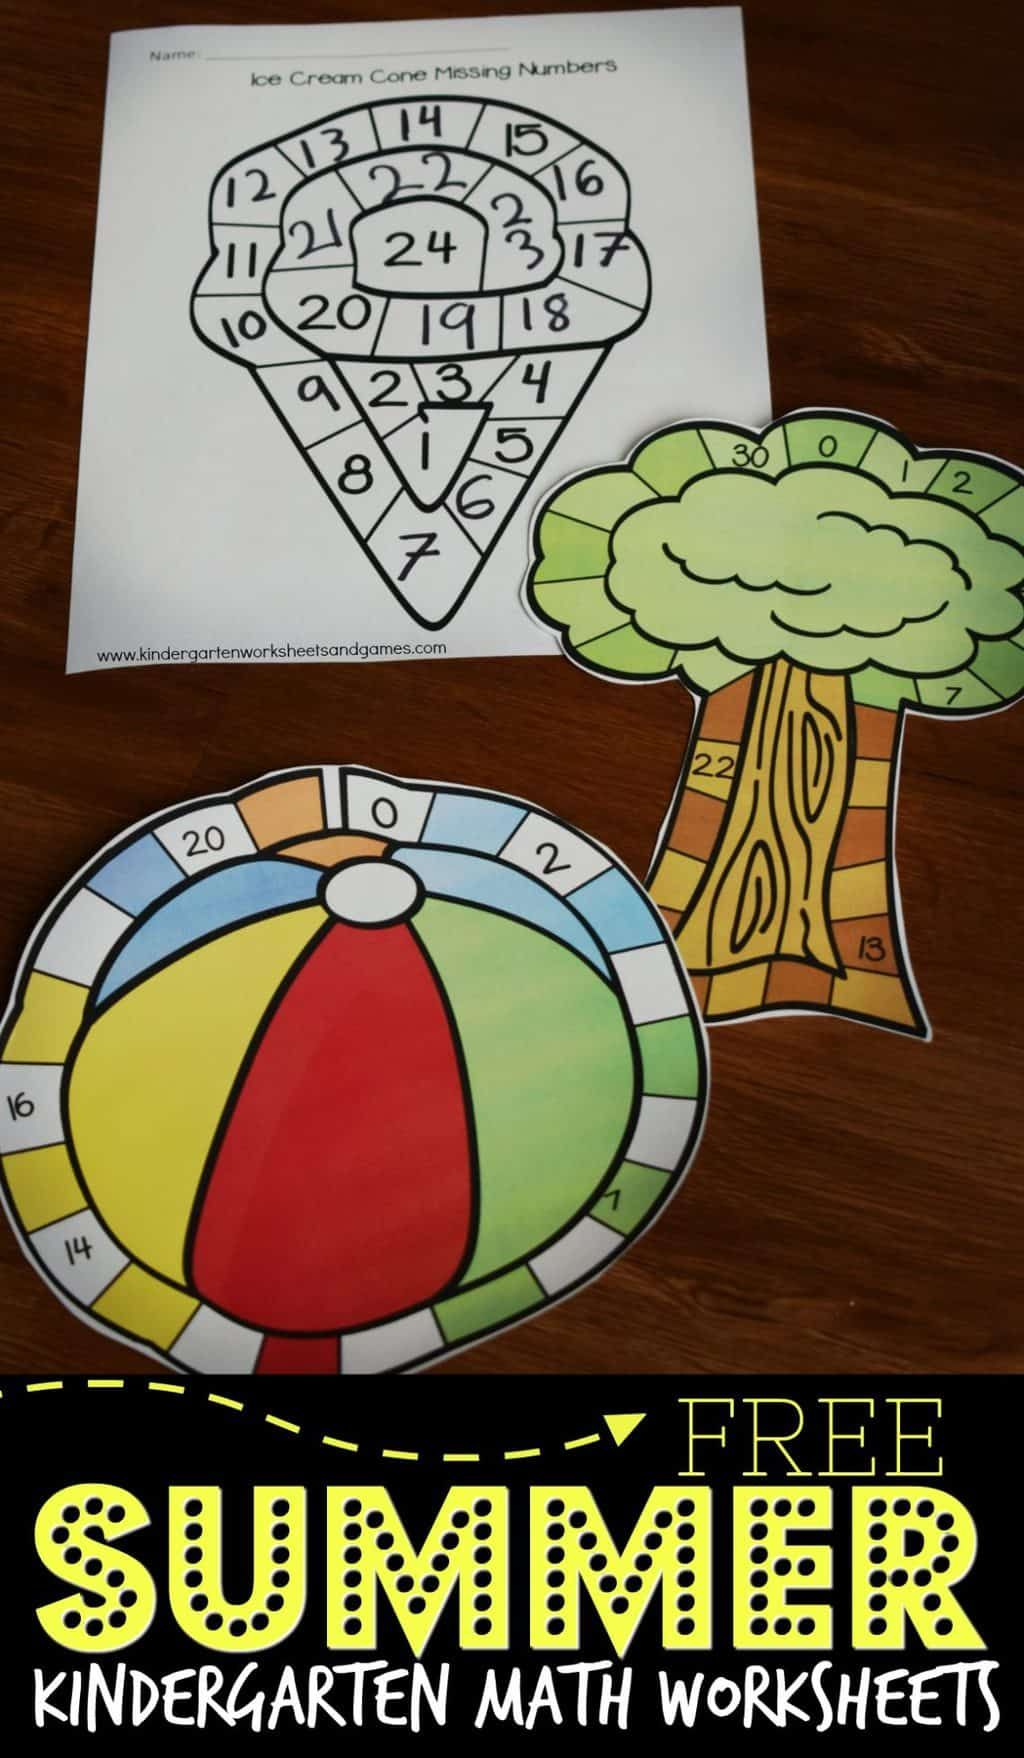 Free Summer Kindergarten Math Worksheets Super Cute Counting Worksheets To Help Kindergart Kindergarten Math Worksheets Kindergarten Math Summer Kindergarten [ 1758 x 1024 Pixel ]